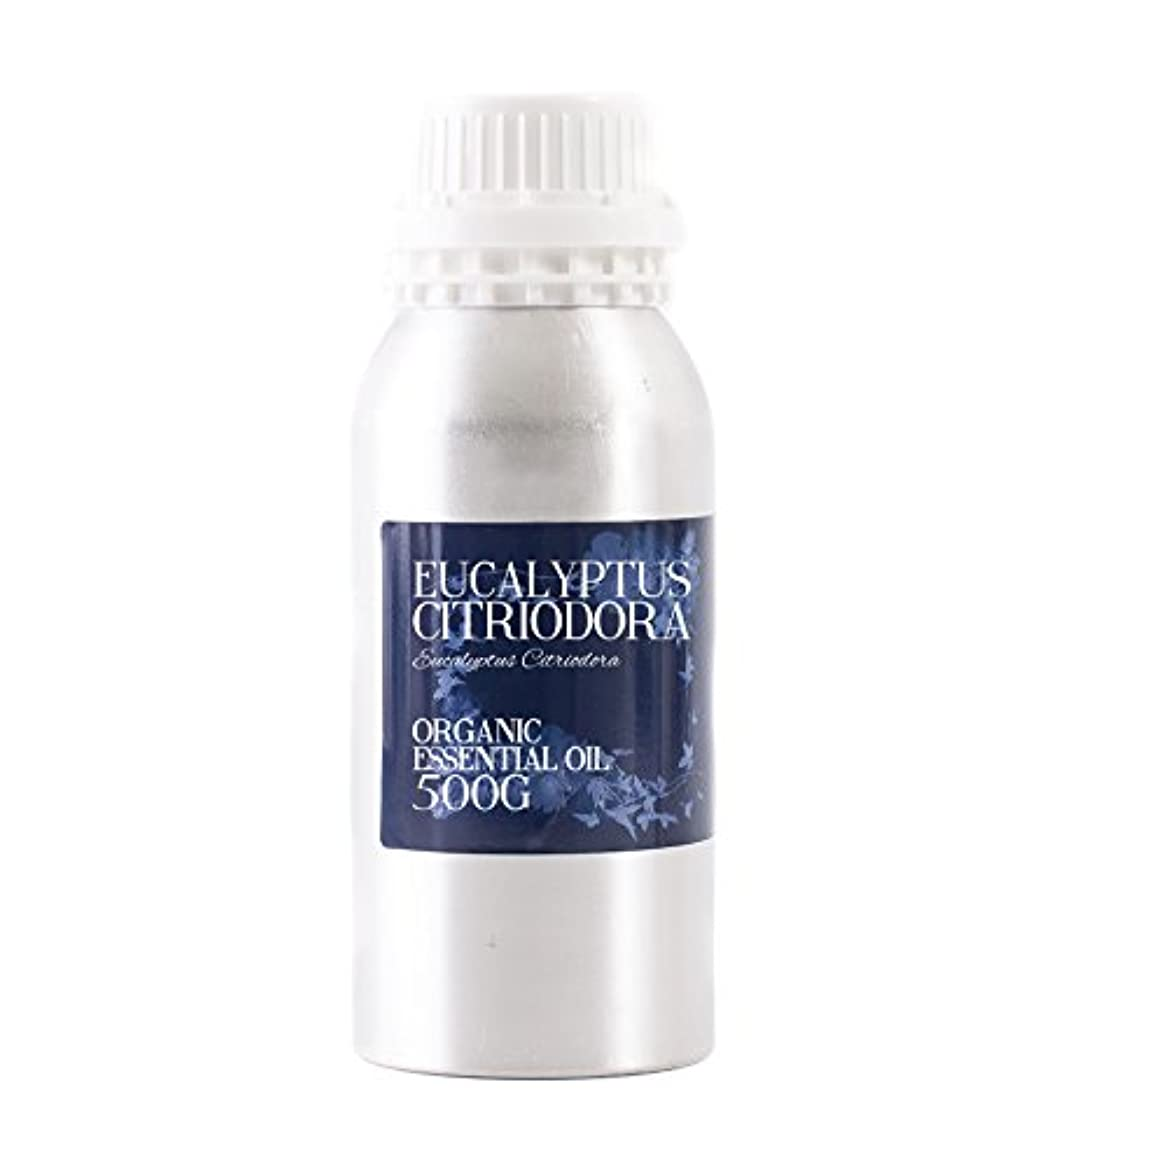 明示的に飼料気づくEucalyptus Citriodora Organic Essential Oil - 500g - 100% Pure